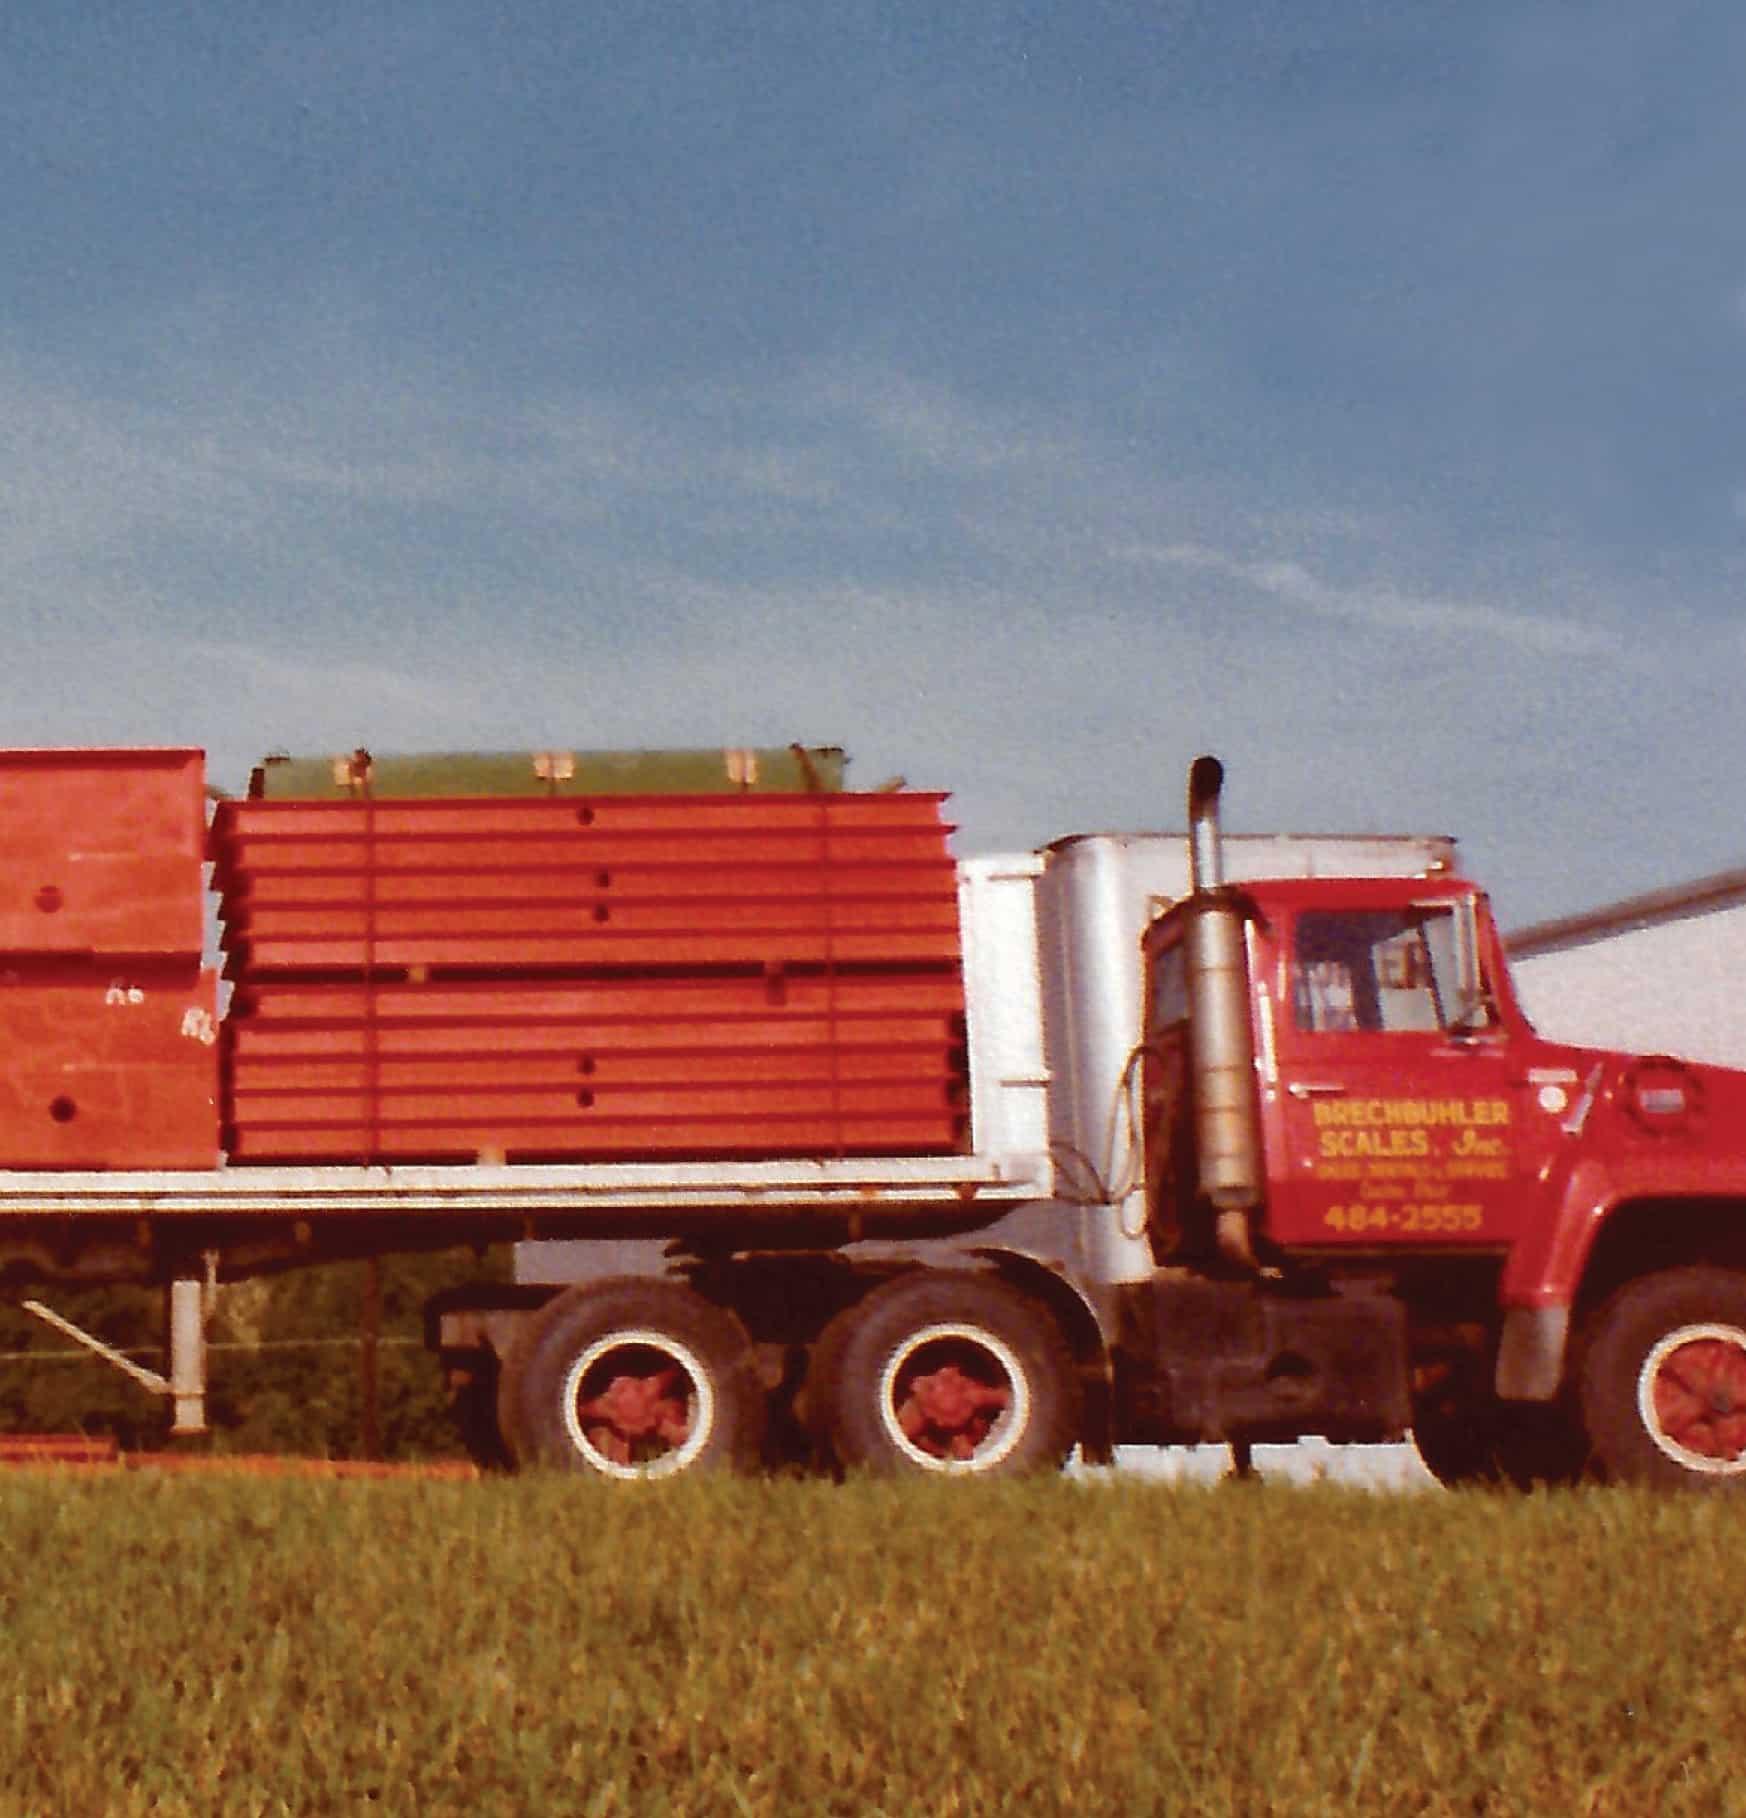 Brechbuhler 1970s